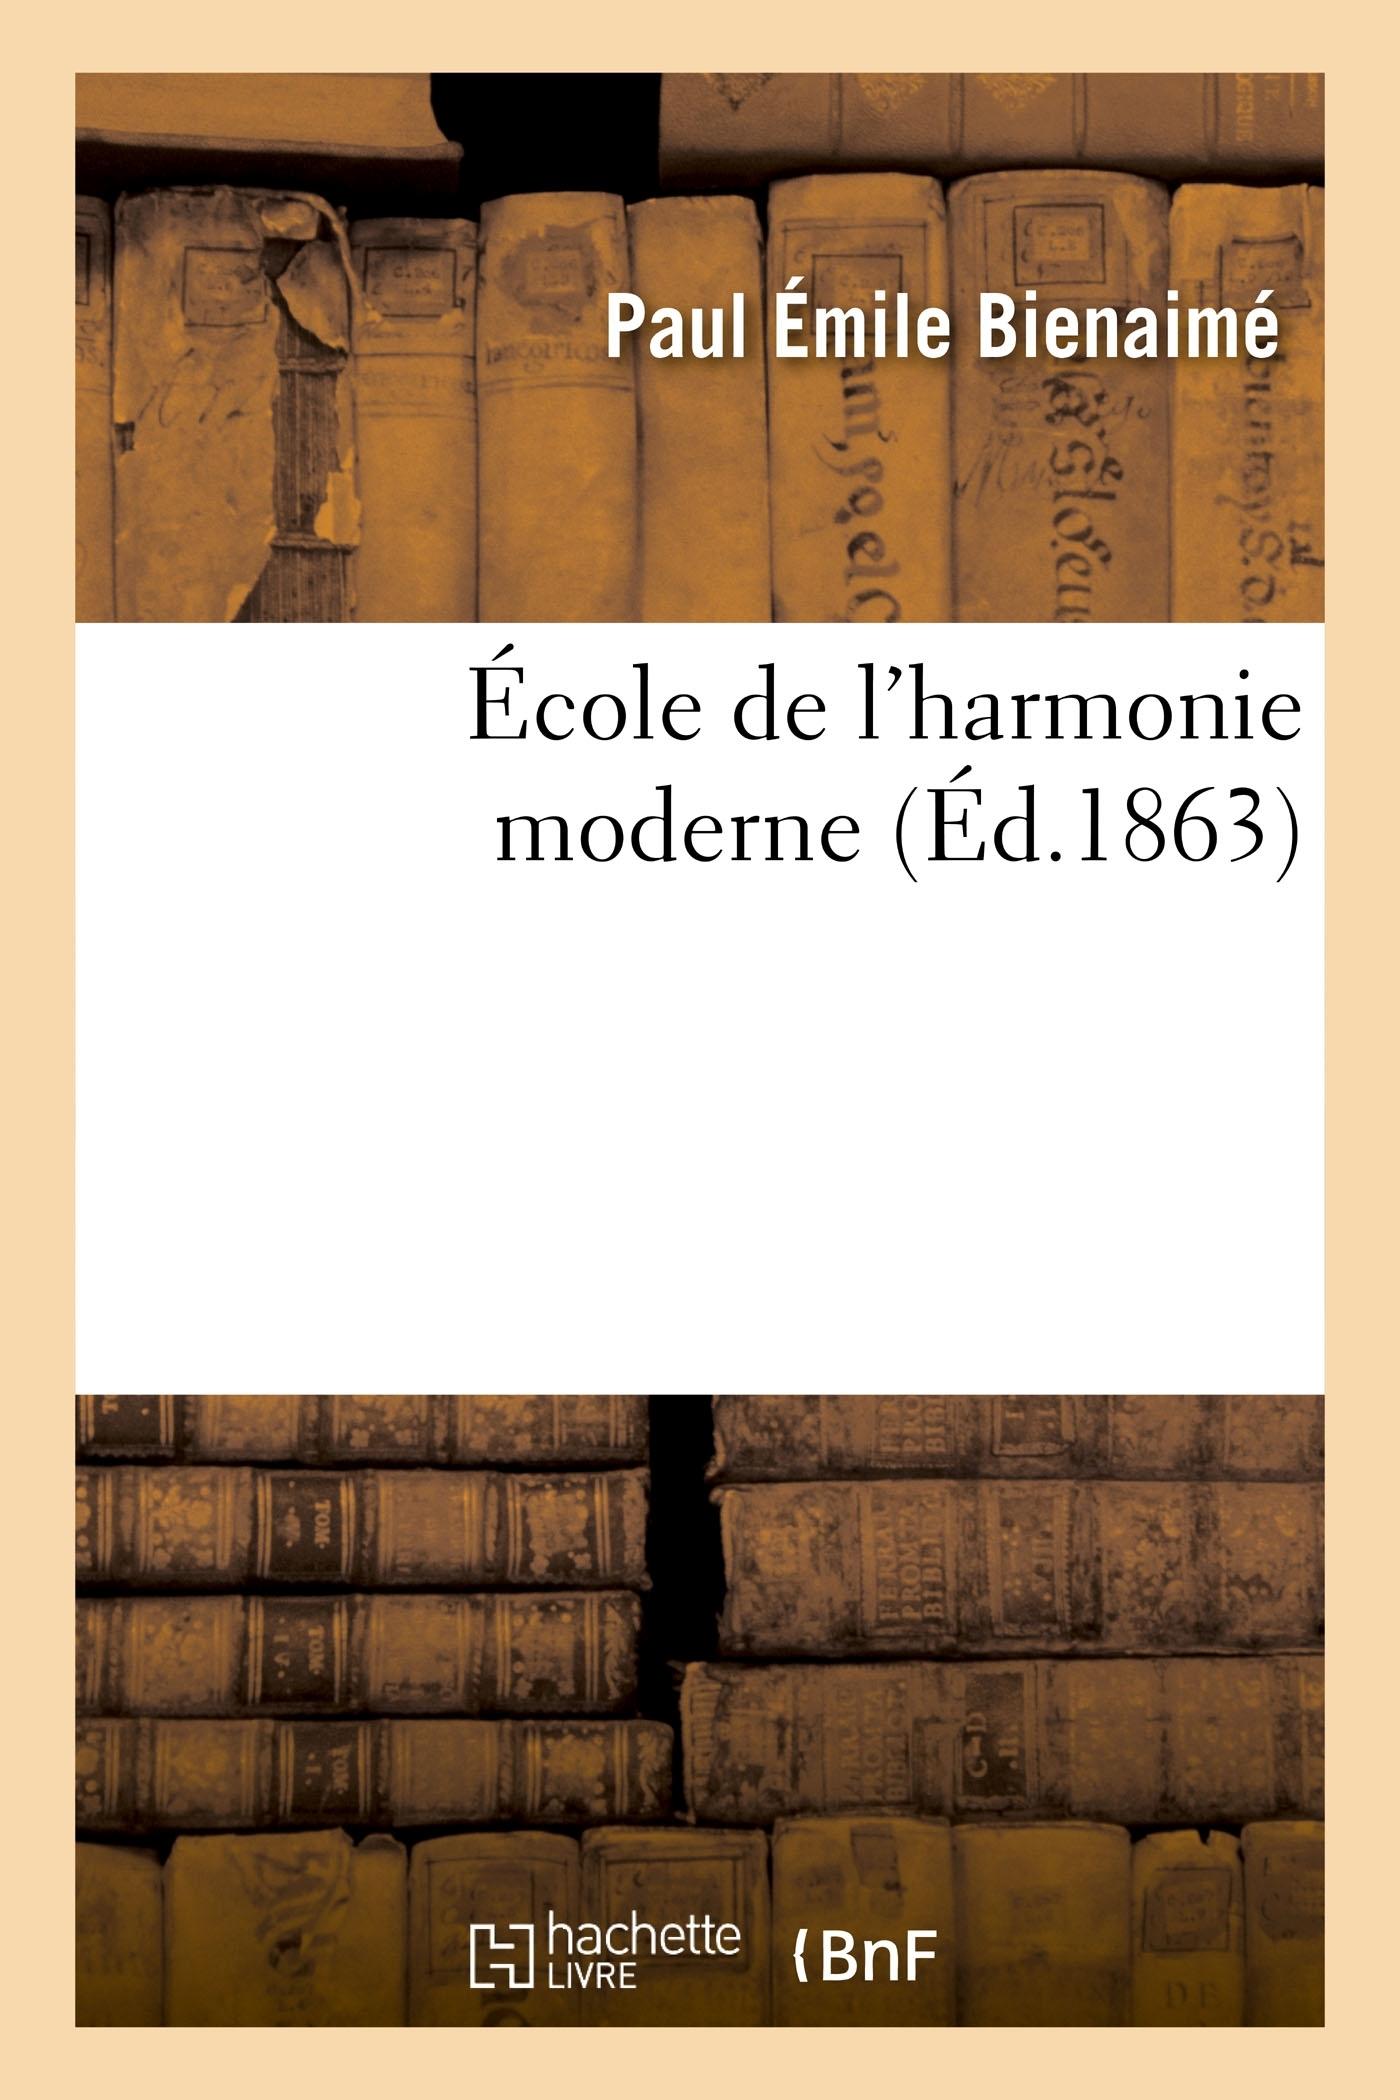 ECOLE DE L'HARMONIE MODERNE